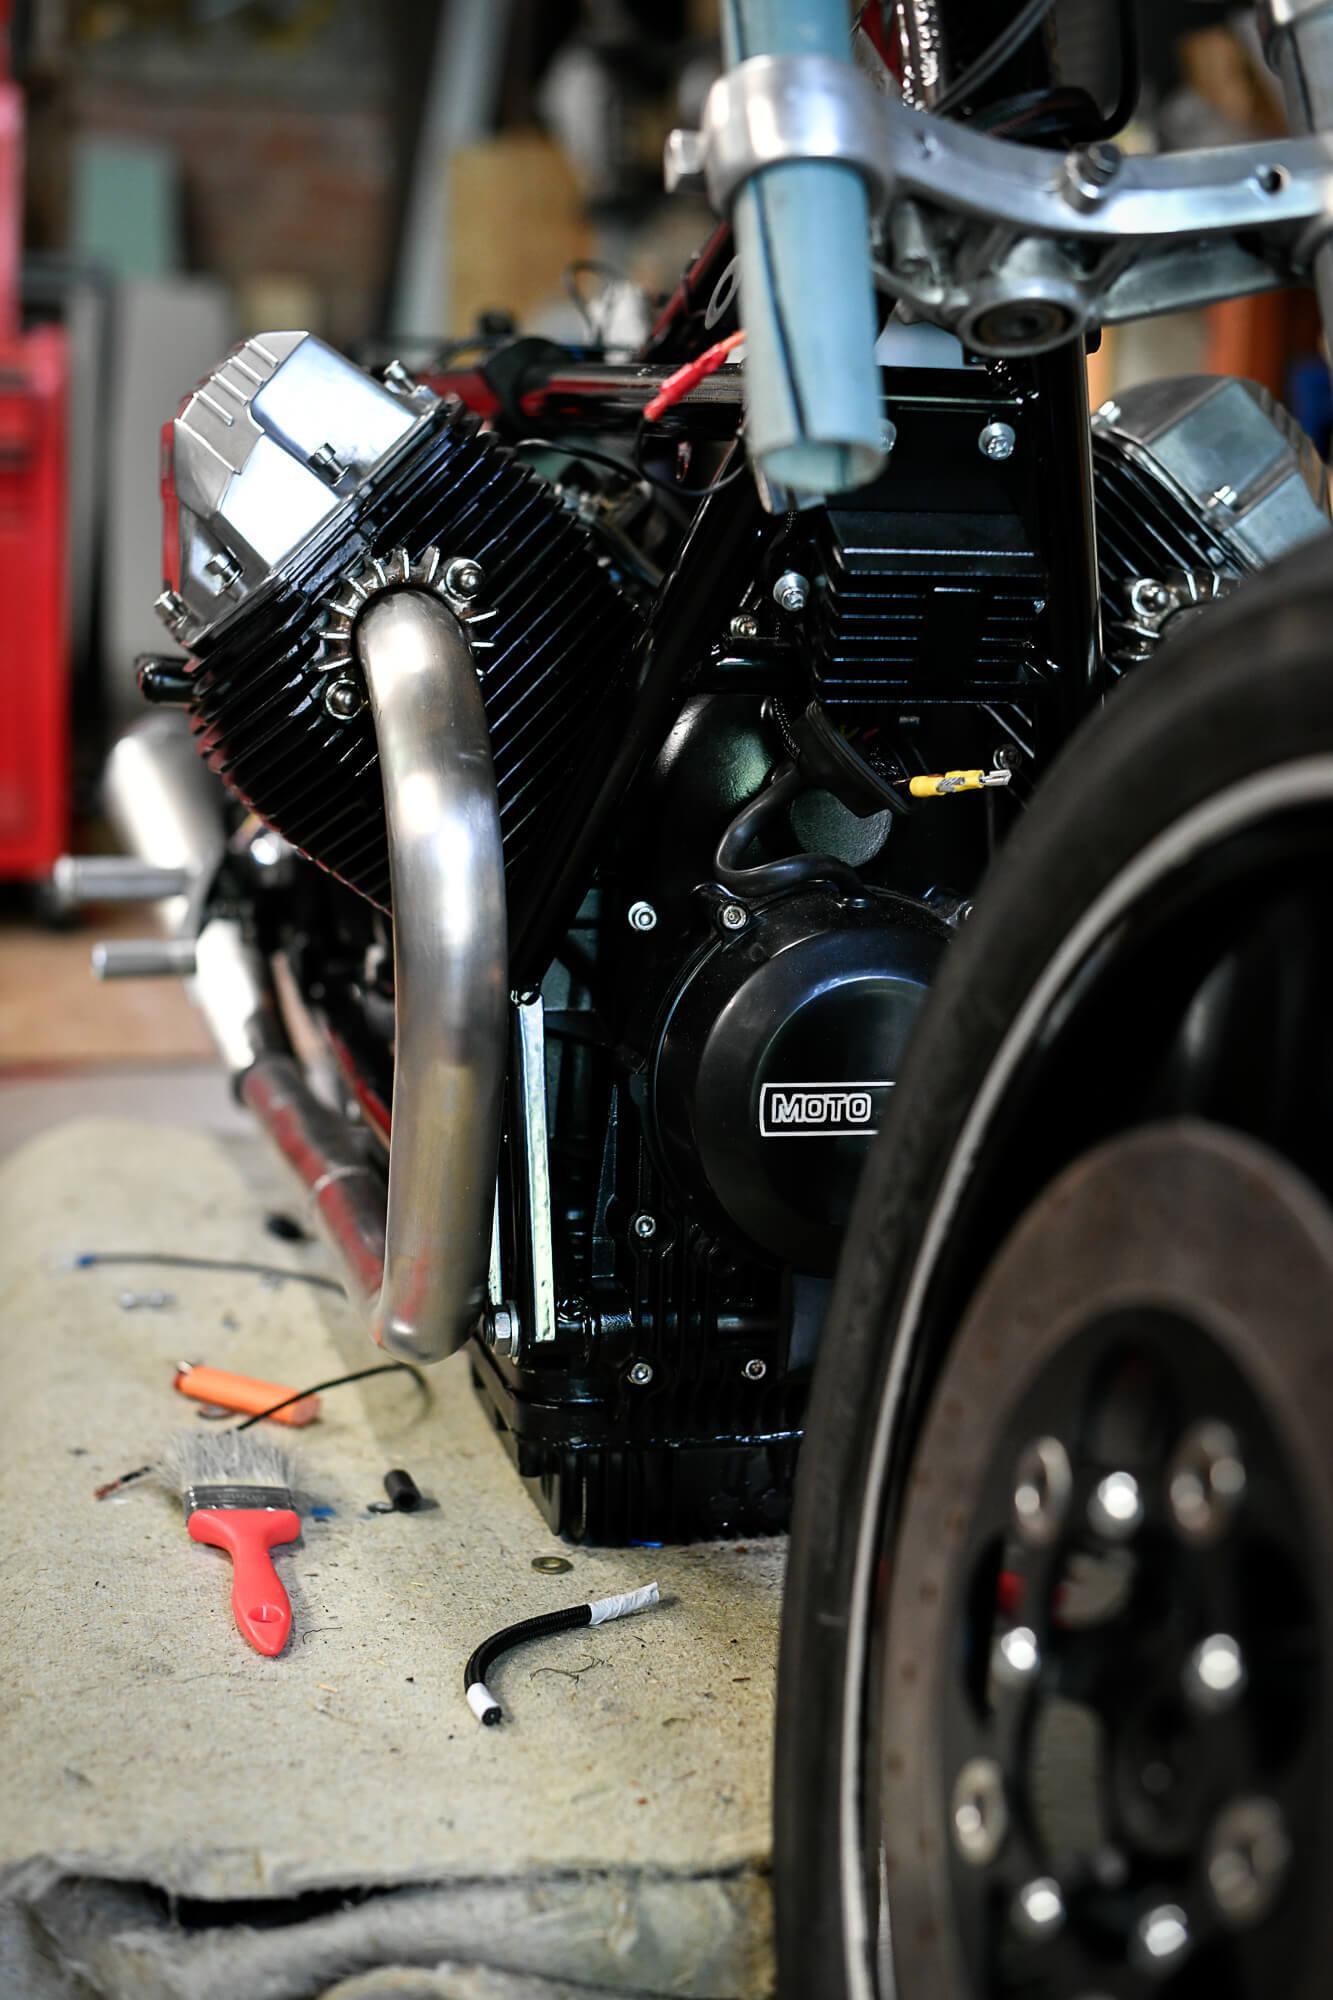 peinture moteur moto haute temperature noir tutoriel guide comment faire décaper bombe